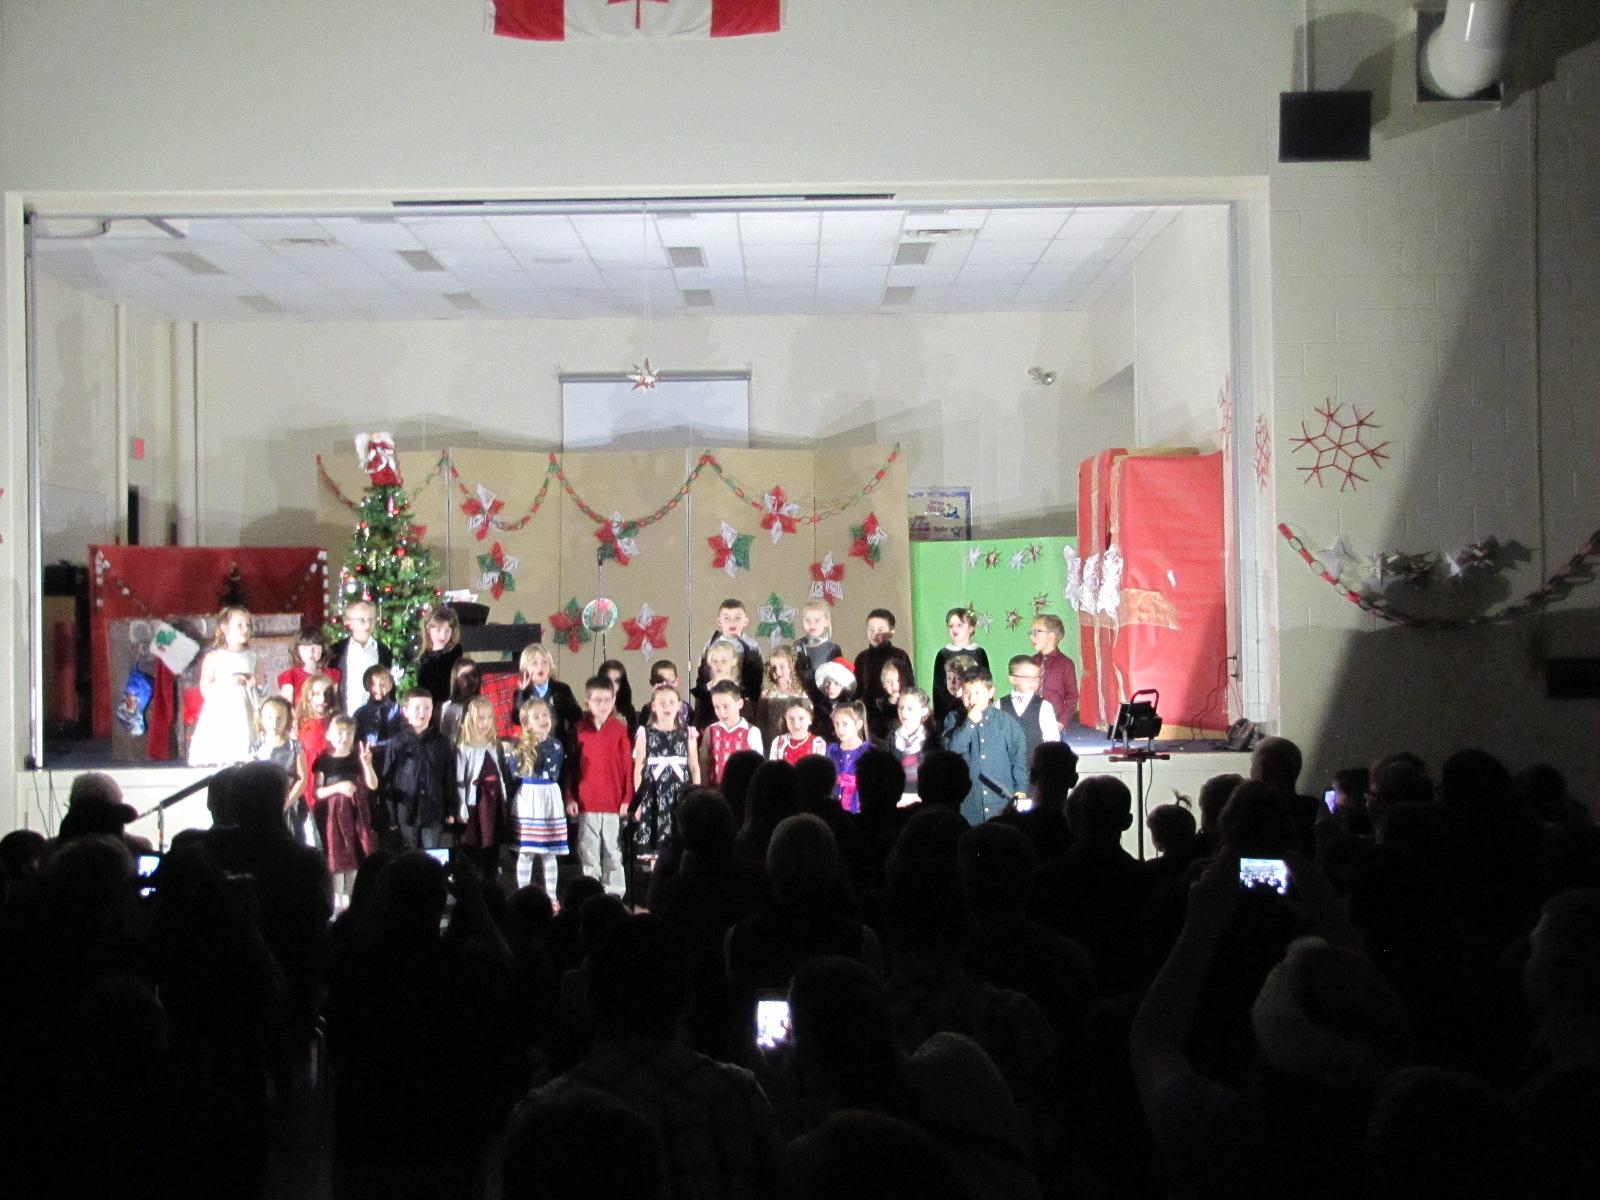 2014-12-17 TV School Christmas Concert 011